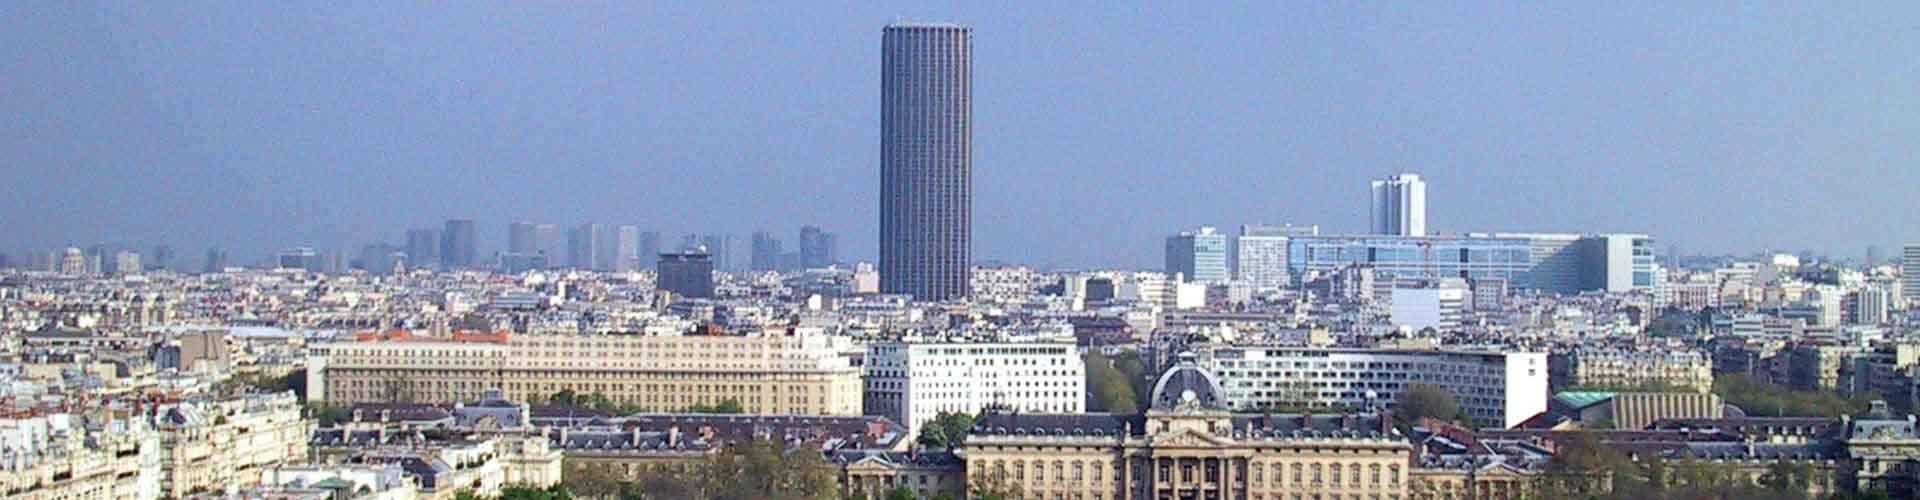 파리 - 투어 몽파르나스와 가까운 호스텔. 파리의 지도, 파리에 위치한 호스텔 사진 및 후기 정보.